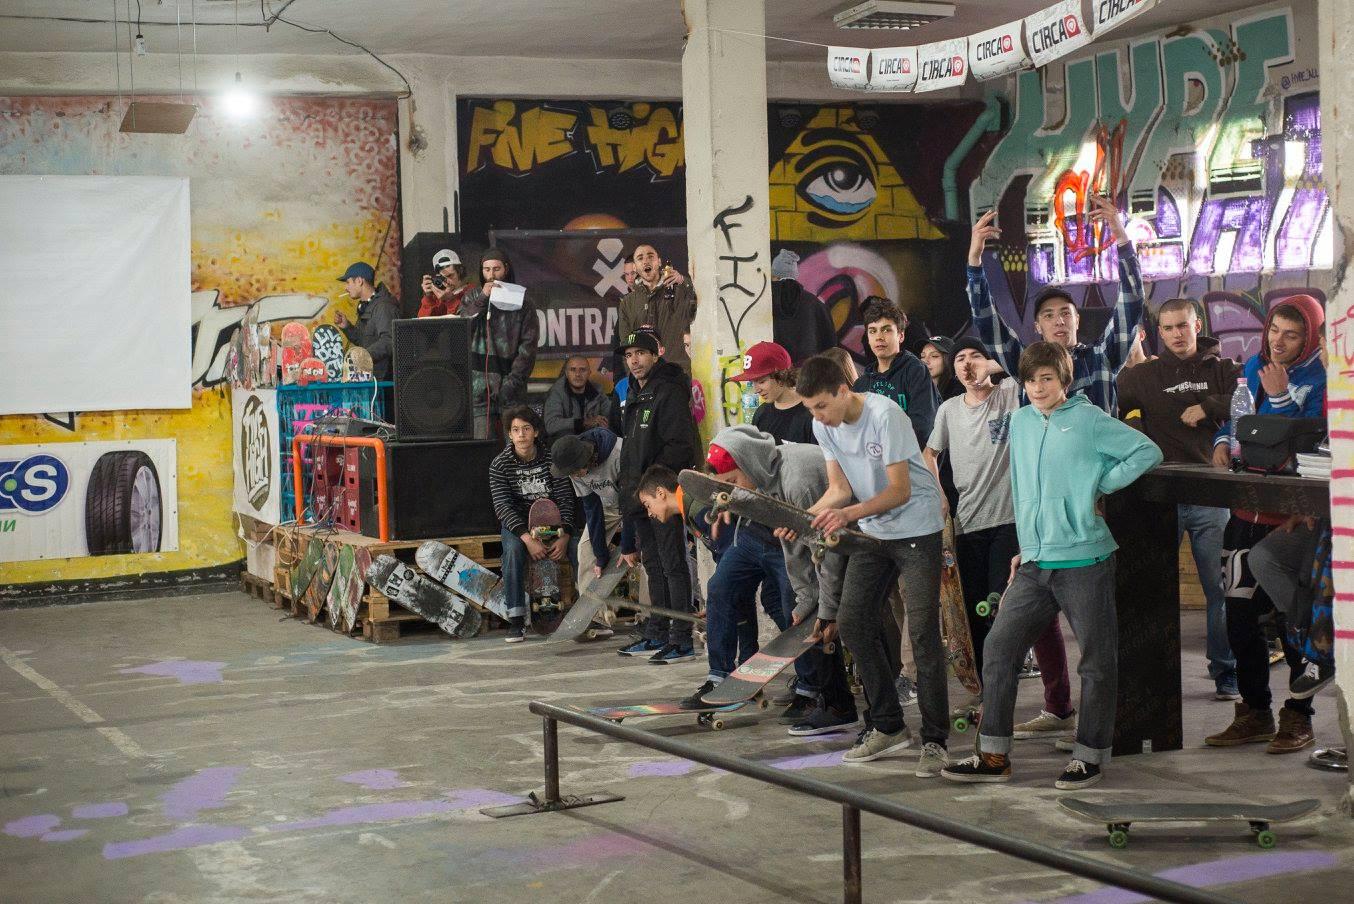 Five High Skate Open 2017